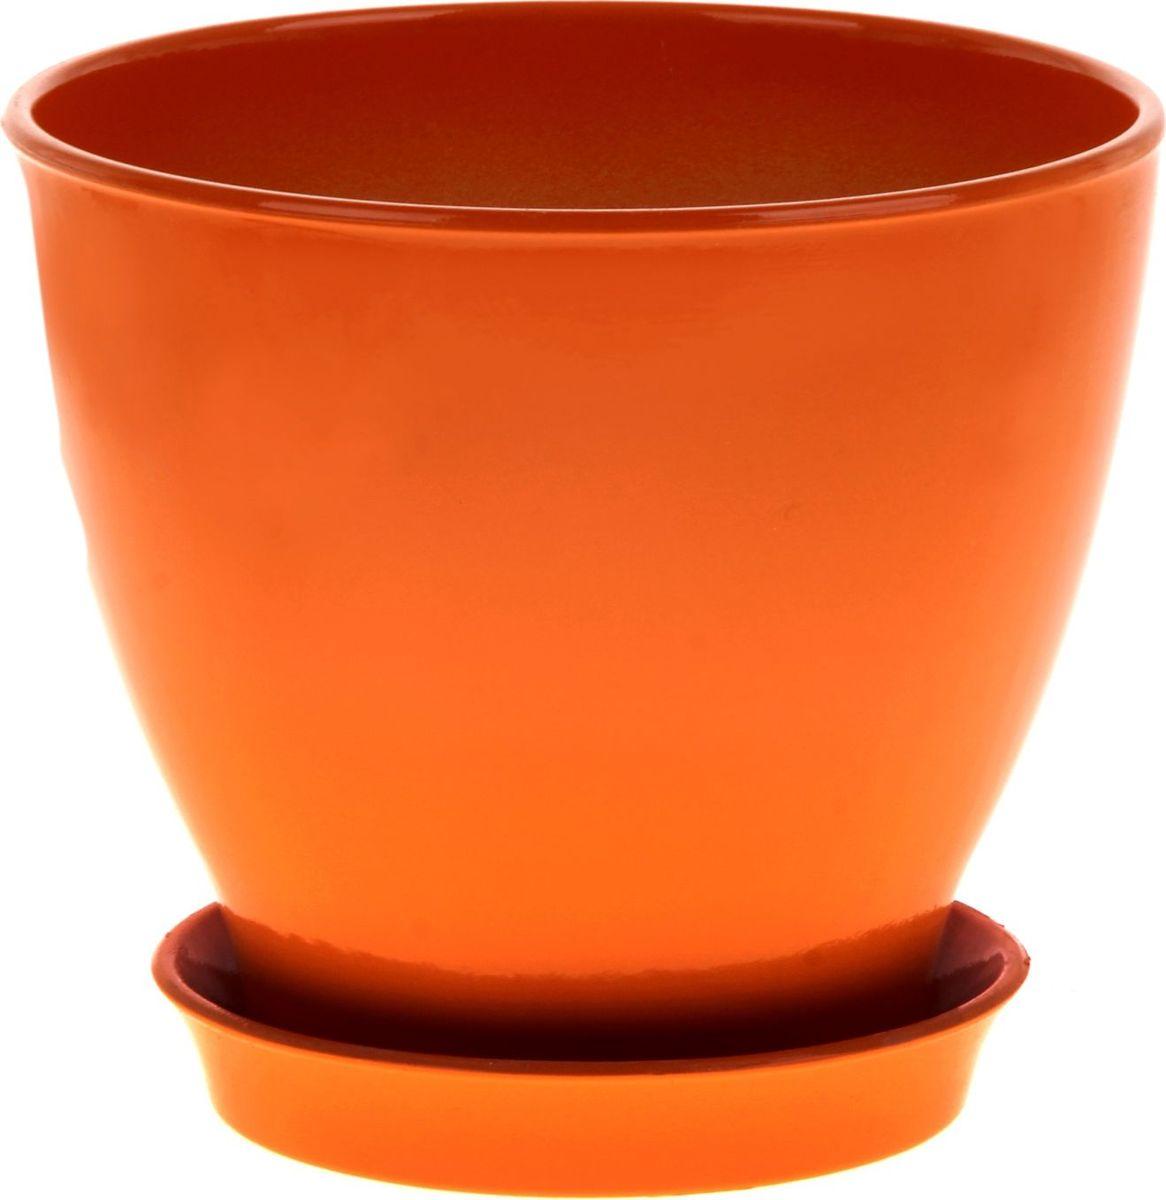 Кашпо Керамика ручной работы Ксения. Глянец, цвет: оранжевый, 3 л825141Кашпо серии «Каменный цветок» выполнено из белой глины методом формовки и покрыто лаком. Керамическая ёмкость имеет объём, оптимальный для создания наилучших условий развития большинства растений.Устойчивый глубокий поддон защитит поверхность стола или подставки от жидкости.Благодаря строгим стандартам производства изделия отличаются правильной формой, отсутствием дефектов, имеют достаточную тяжесть для надёжной фиксации конструкции.Окраска моделей не восприимчива к прямым солнечным лучам, а в цветовой гамме преобладают яркие и насыщенные оттенки.Красота, удобство и долговечность кашпо серии «Каменный цветок» порадует любителей высококачественных аксессуаров для комнатных растений.